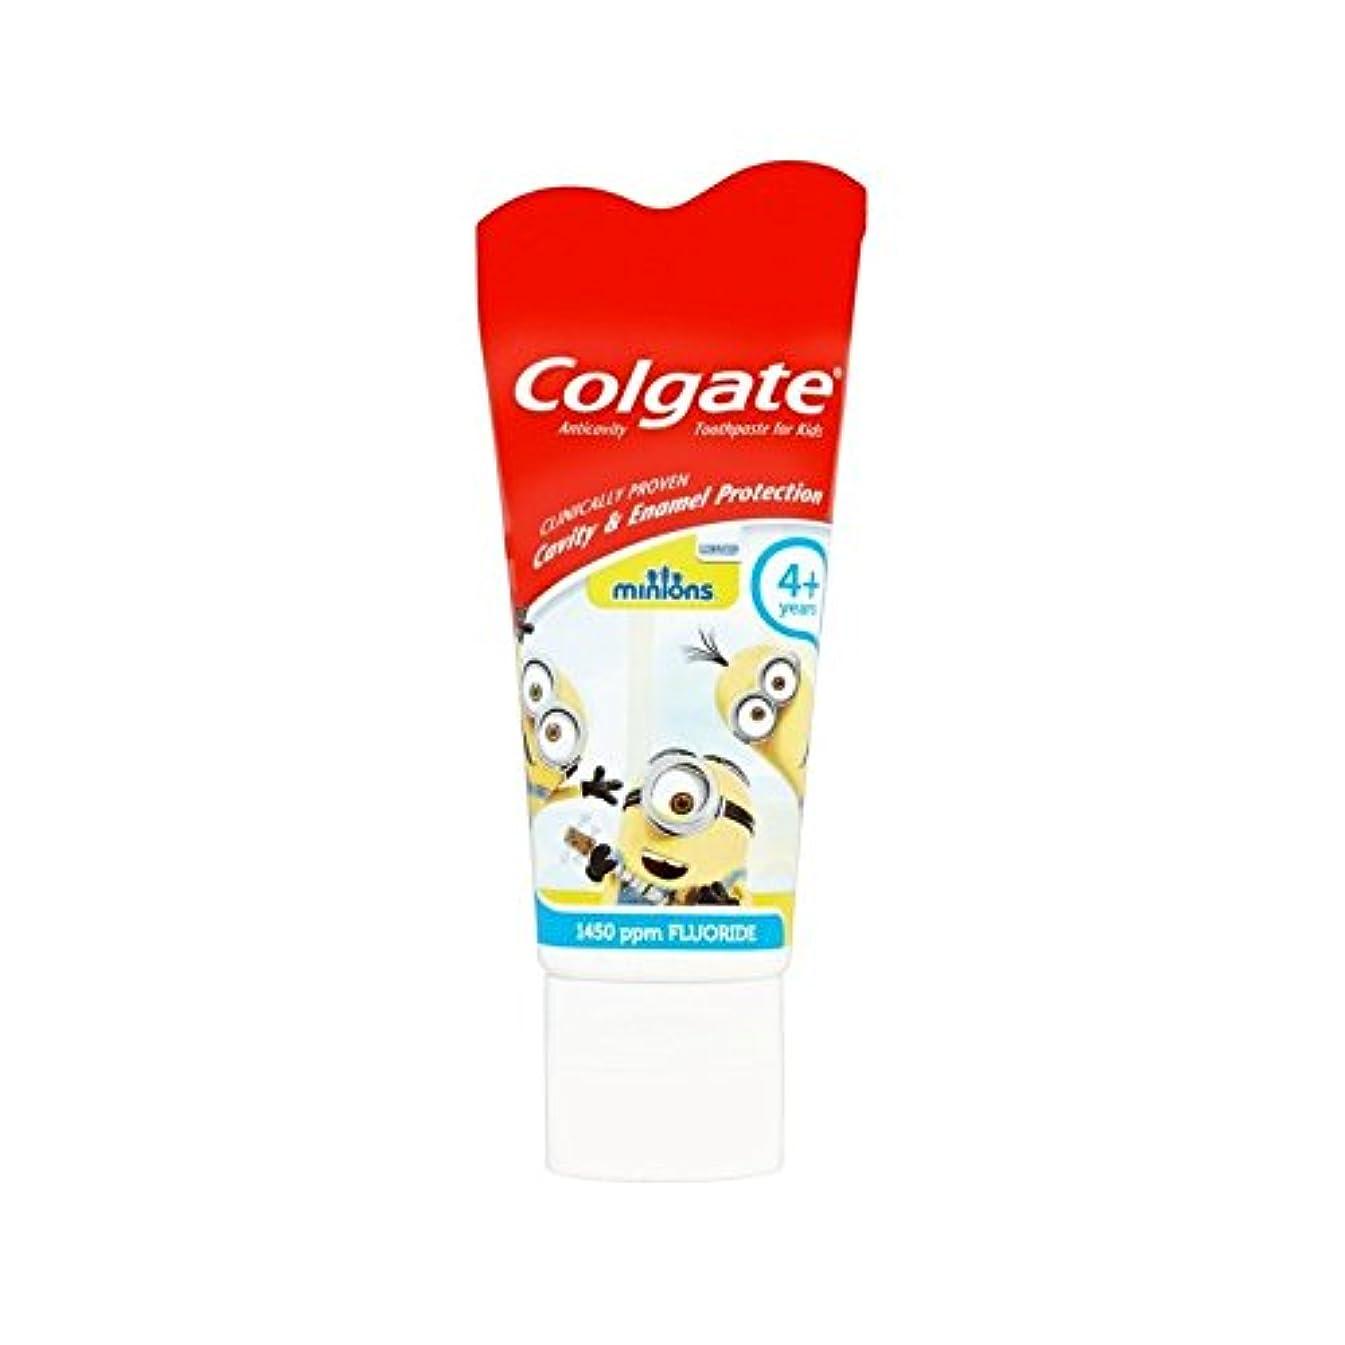 手下の子供4+歯磨き粉50ミリリットル (Colgate) (x 4) - Colgate Minions Kids 4+ Toothpaste 50ml (Pack of 4) [並行輸入品]